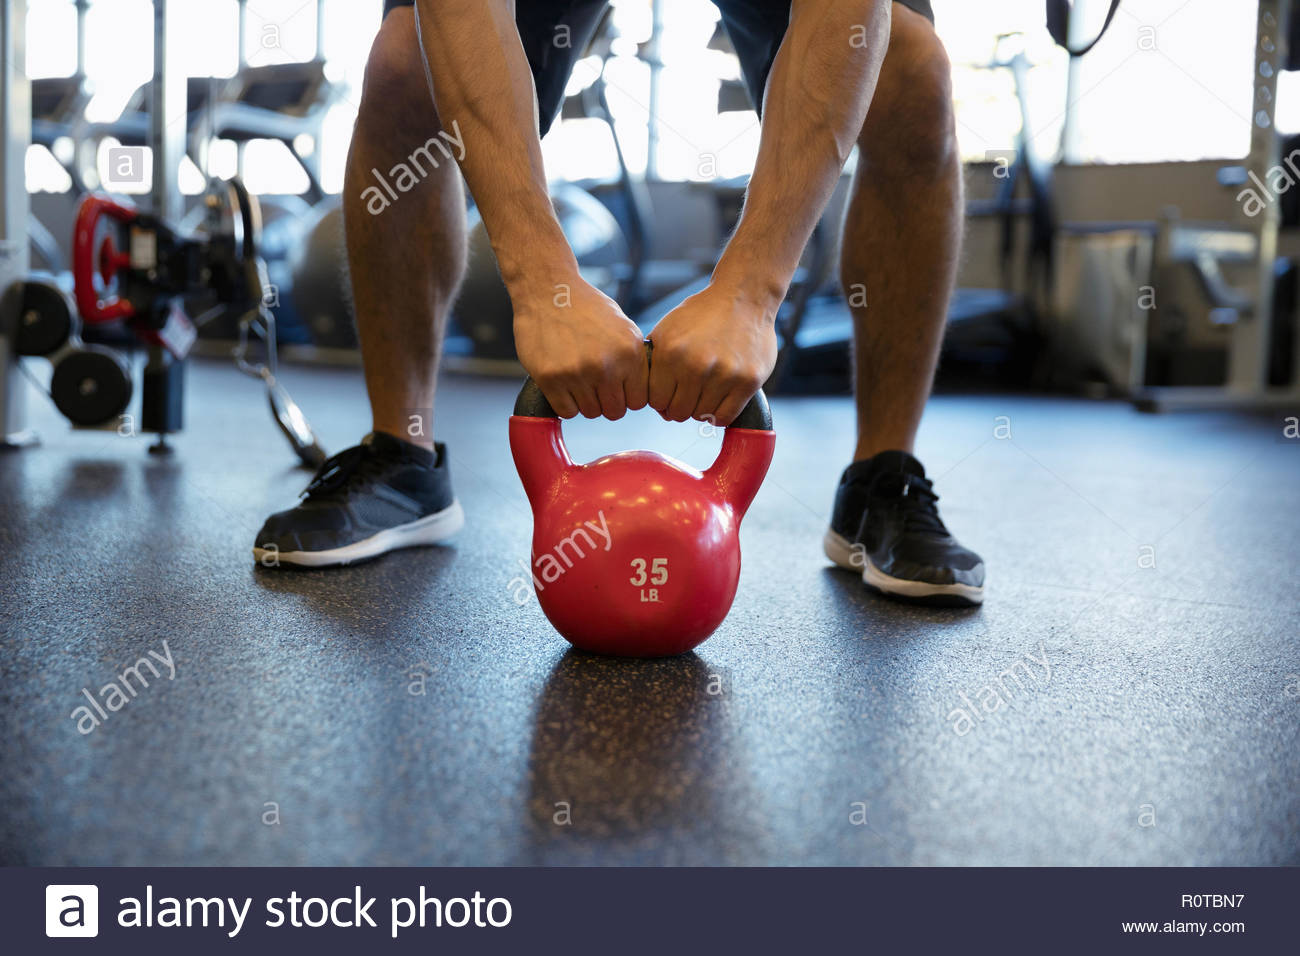 El hombre ejerciendo con kettlebell en gimnasio Imagen De Stock